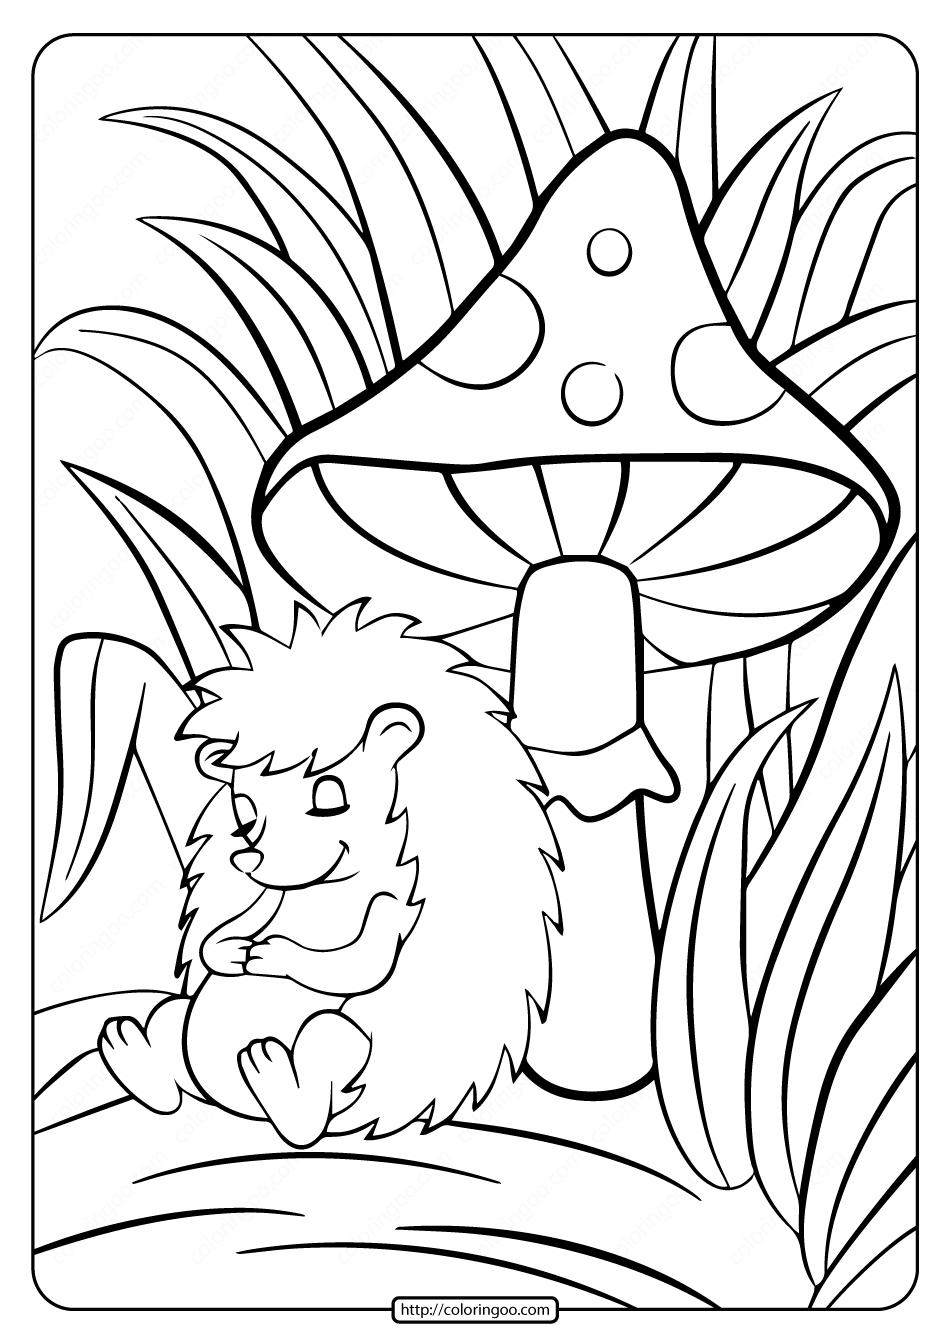 Hedgehog Sleeping Under the Mushroom Coloring